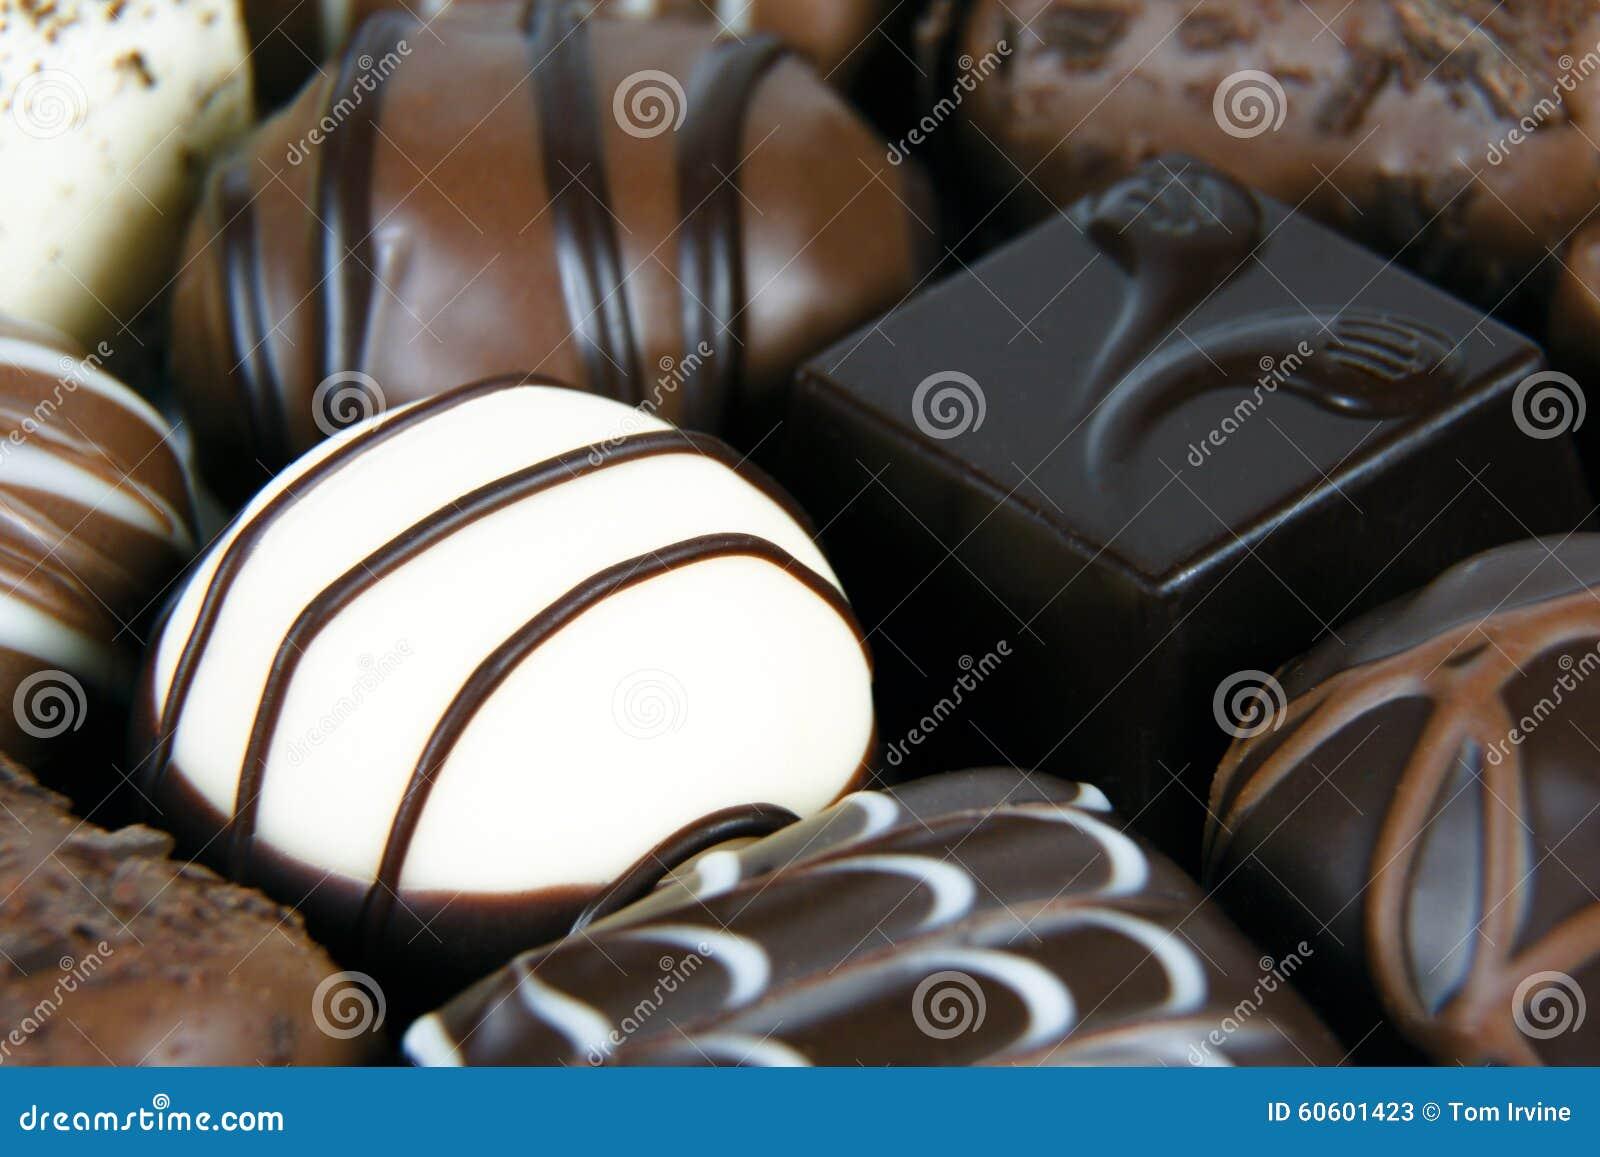 Zmrok, mleko i białe czekolady,